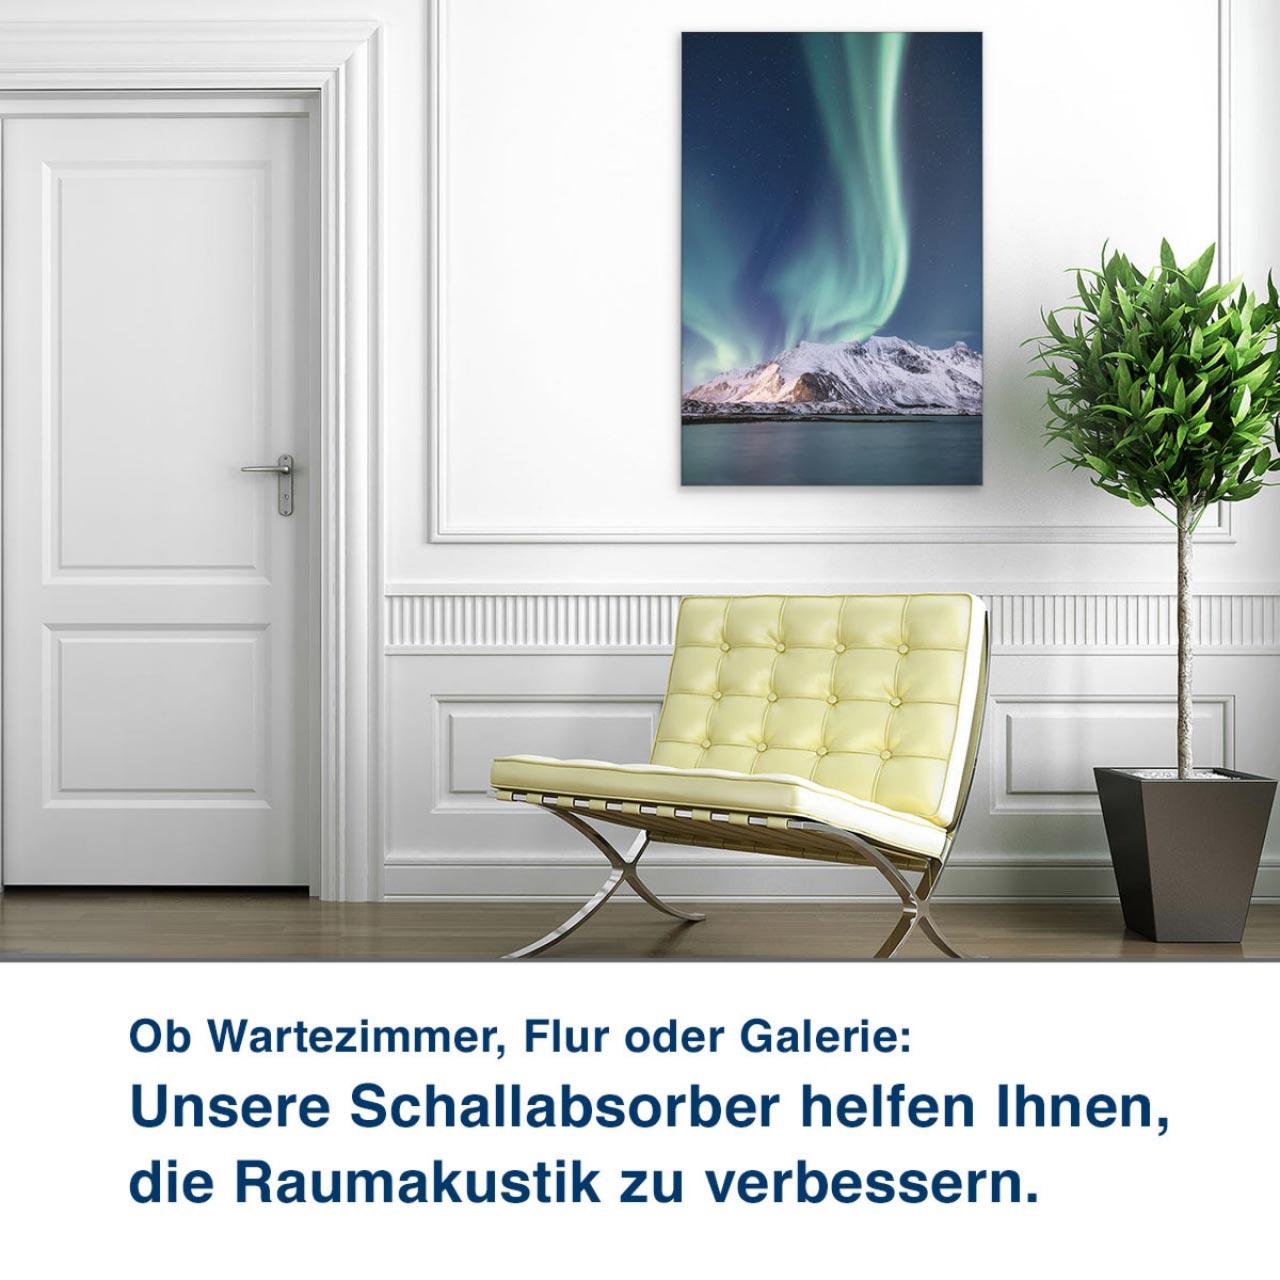 Ob Wartezimmer, Flur oder Galerie:  Unsere Schallabsorber helfen Ihnen,  die Raumakustik zu verbessern.